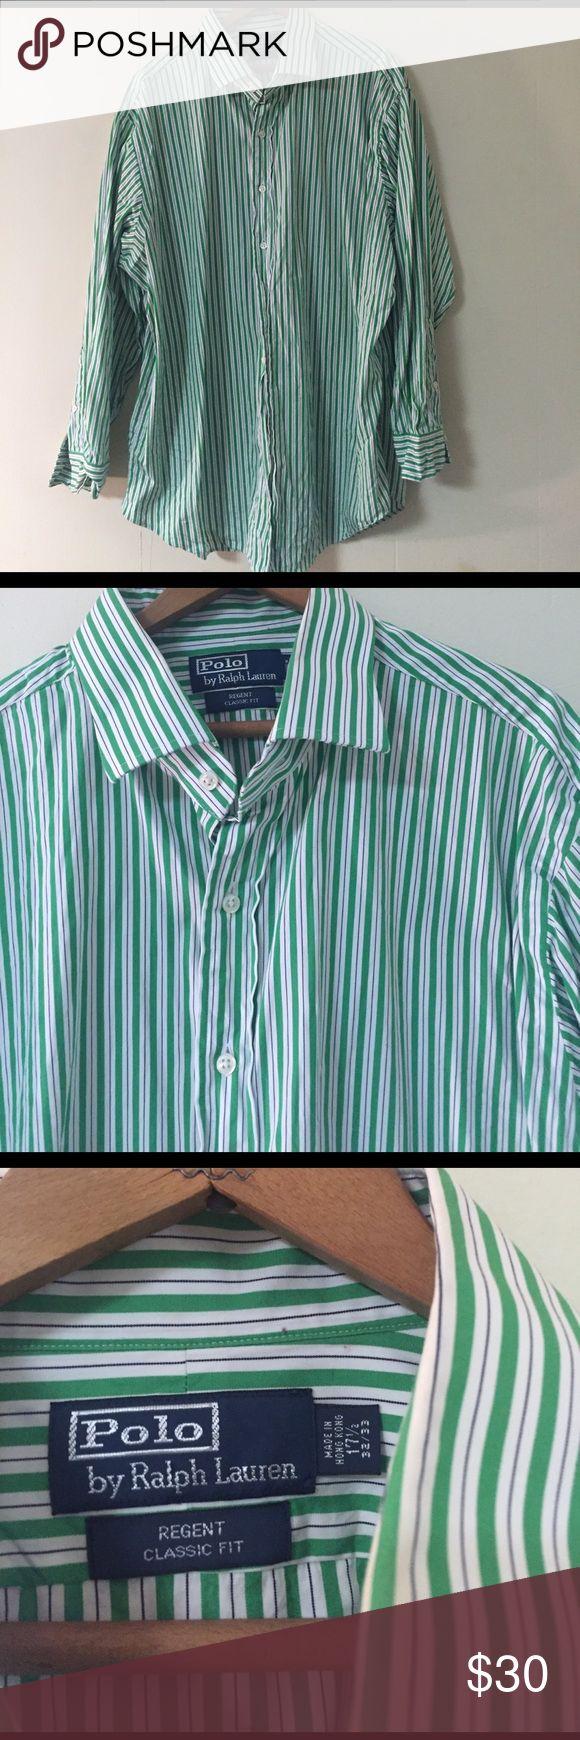 Polo Ralph Lauren Dress shirt Polo Ralph Lauren Dress regent classic fit shirt. Size 17 1/3 - 32/33 Polo by Ralph Lauren Shirts Dress Shirts